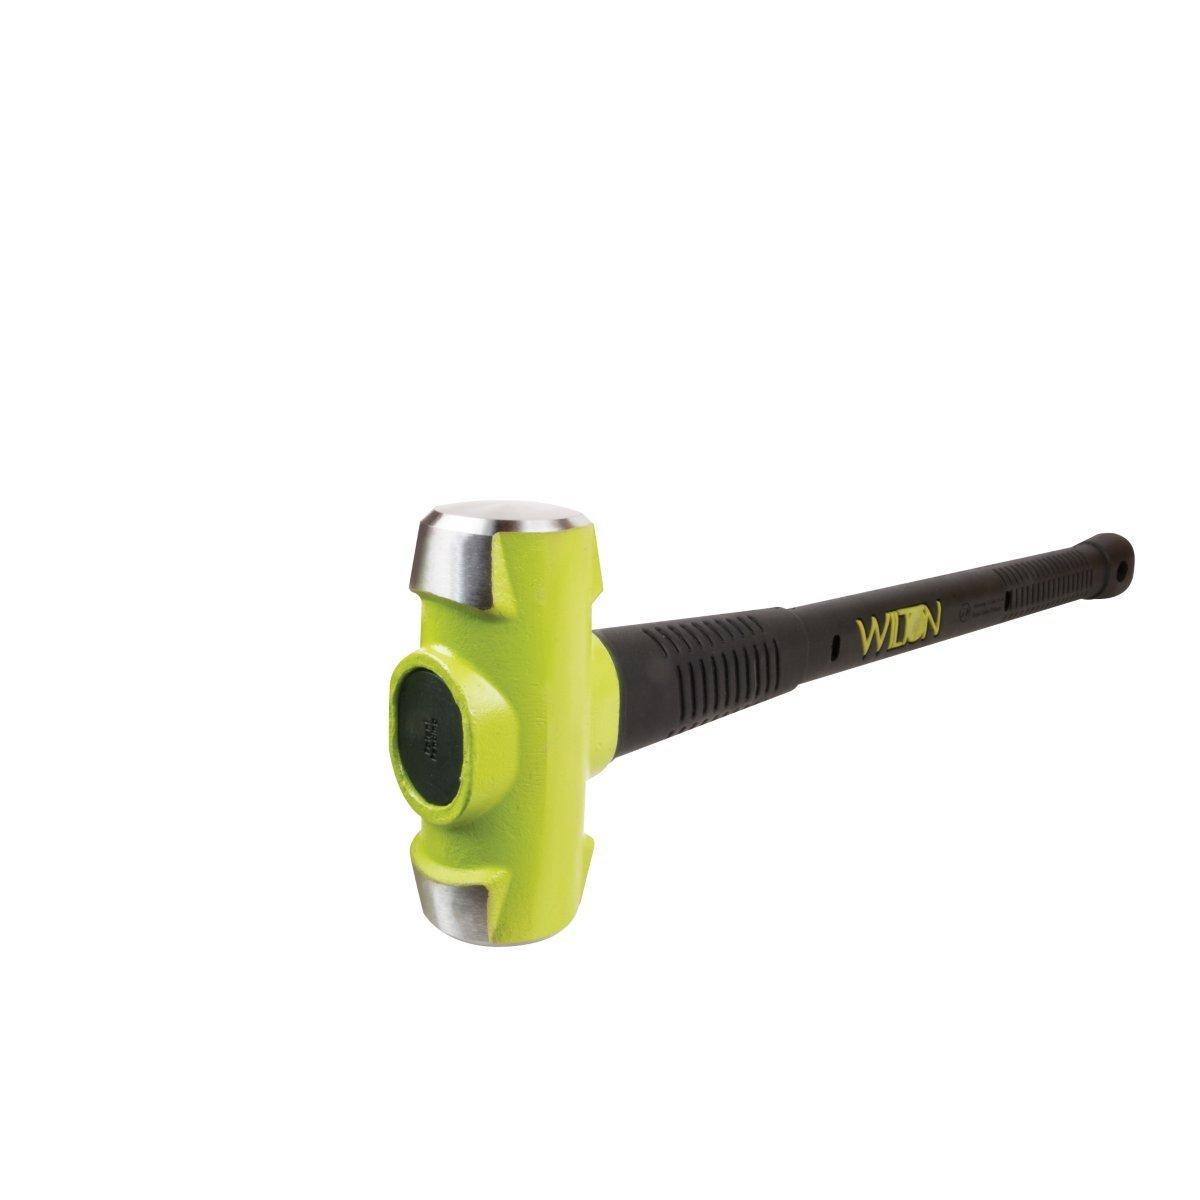 Wilton 21224 12 Pound Head, 24-Inch BASH Sledge Hammer by Wilton B006MGMRRA